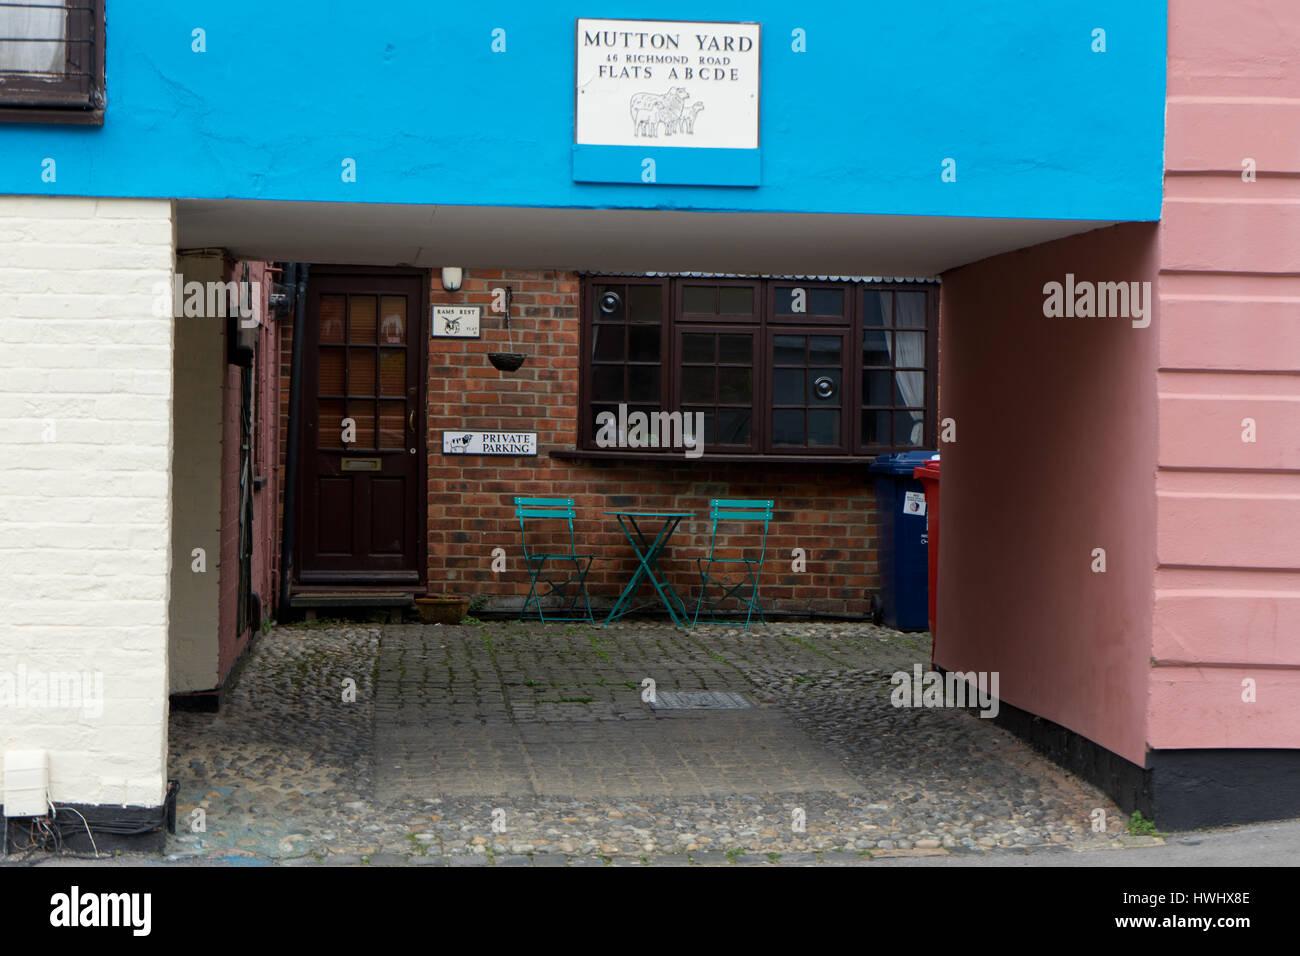 Mutton Yard! - Stock Image